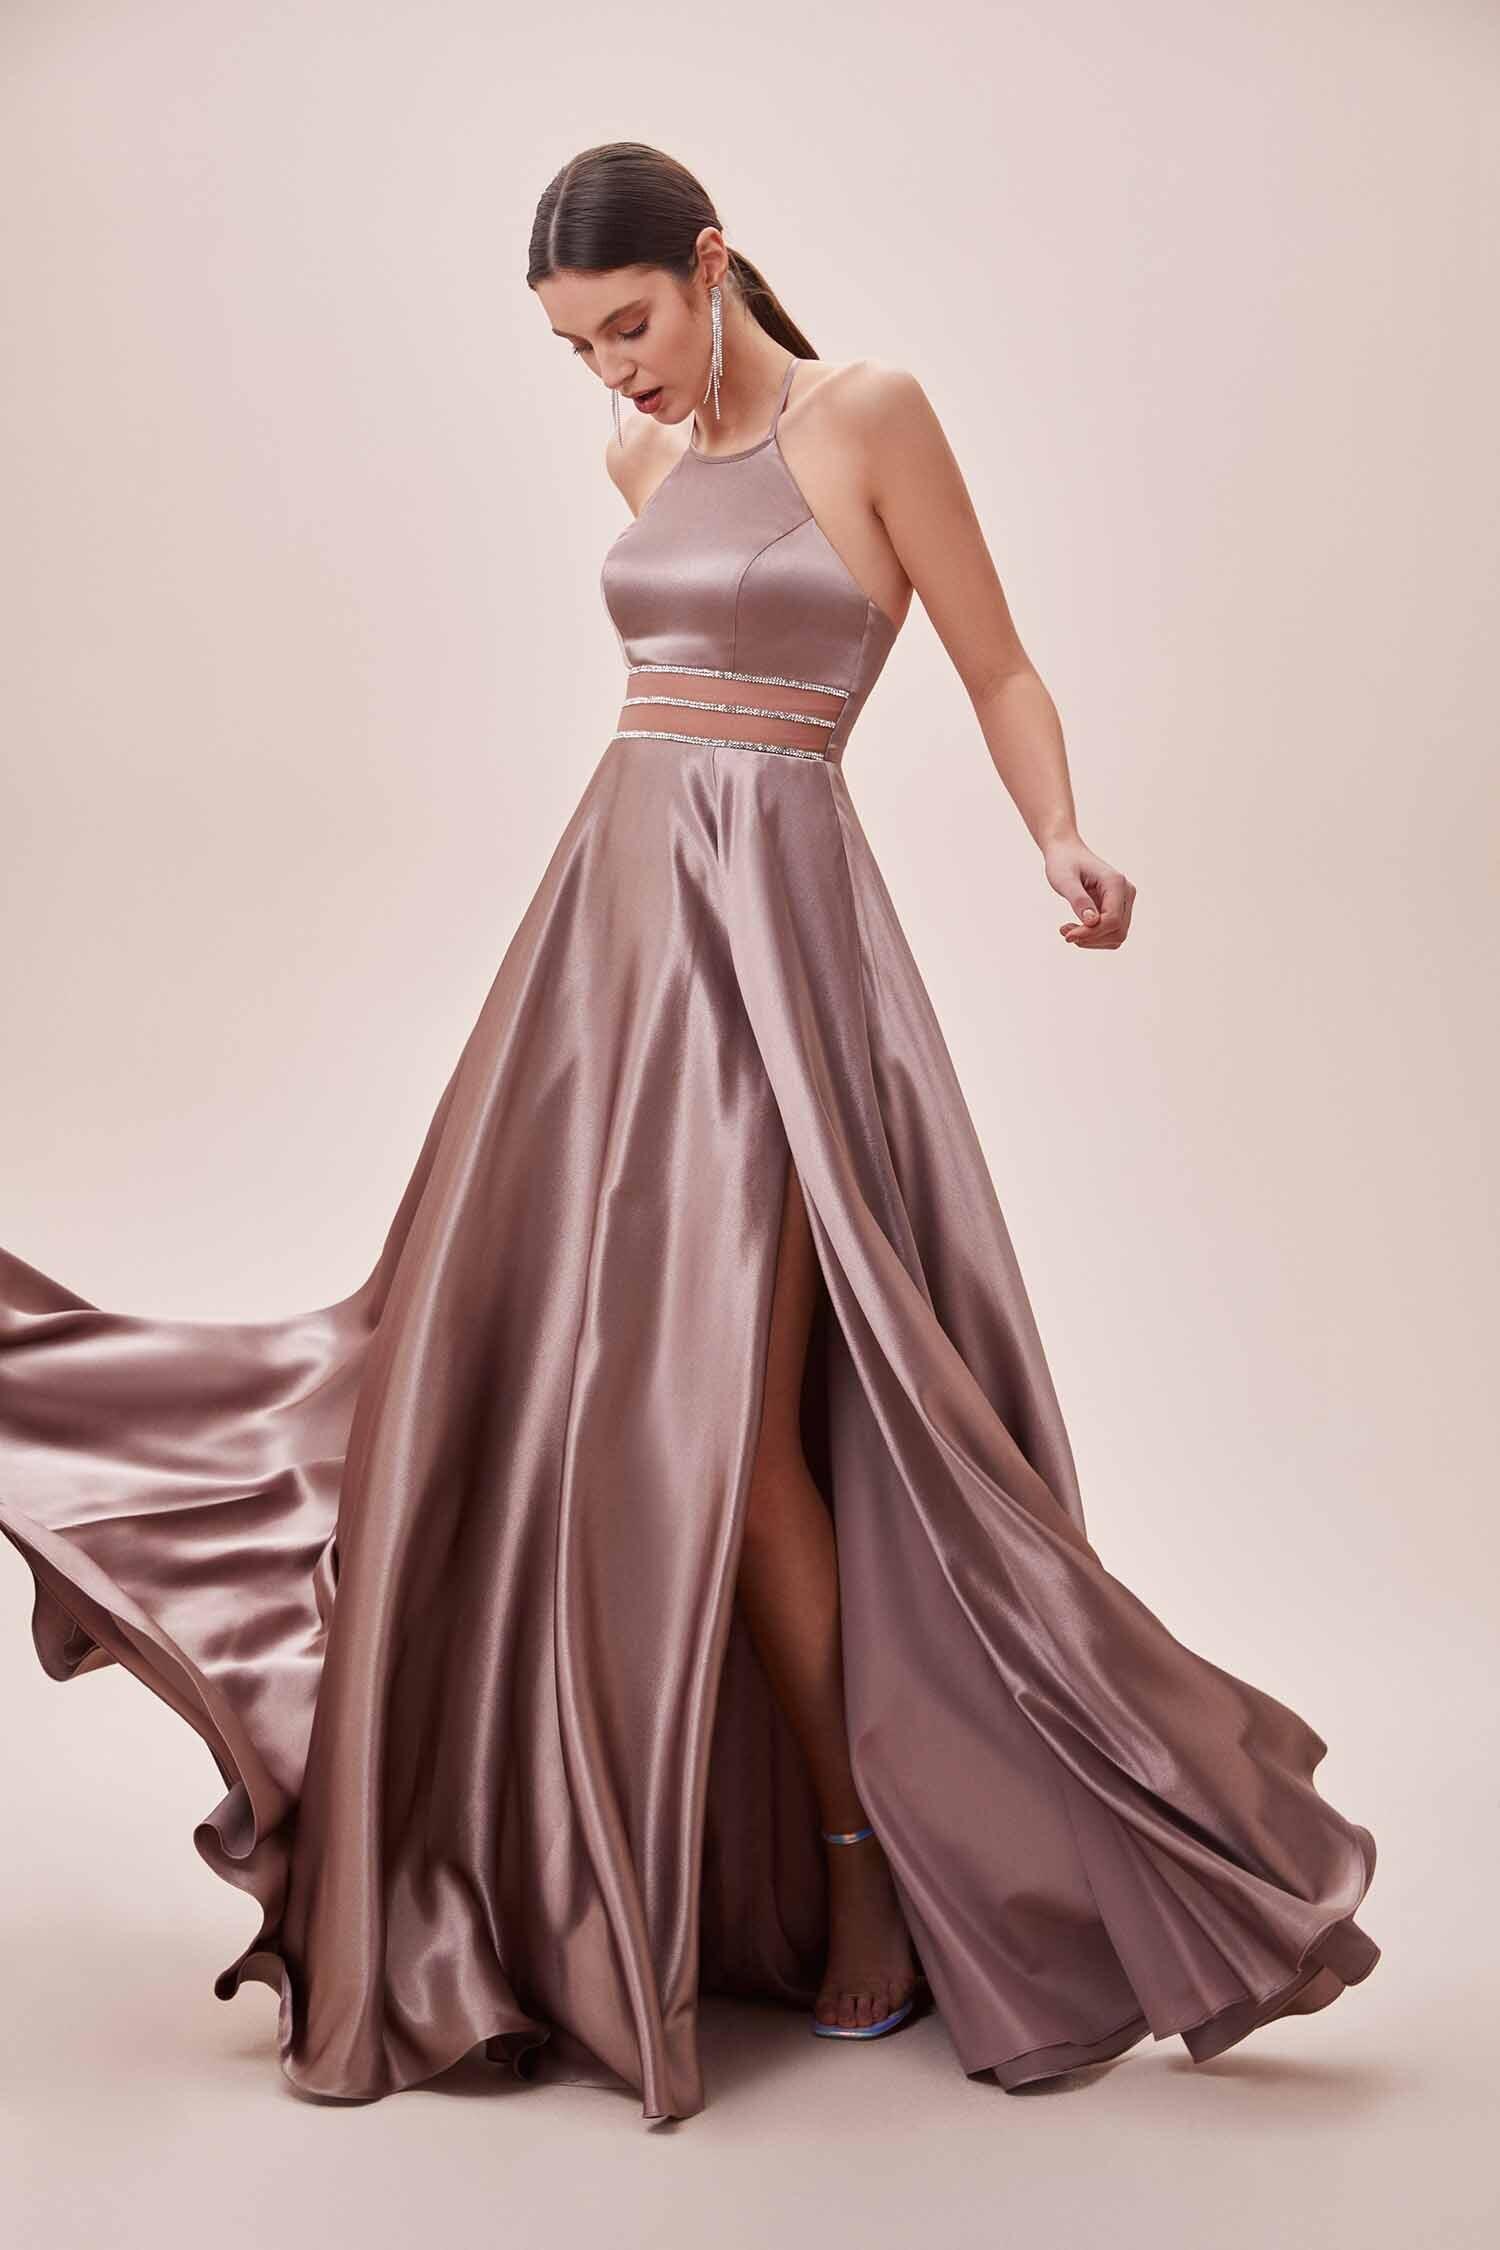 Leylak Rengi Halter Yaka Yırtmaçlı Uzun Elbise - Thumbnail